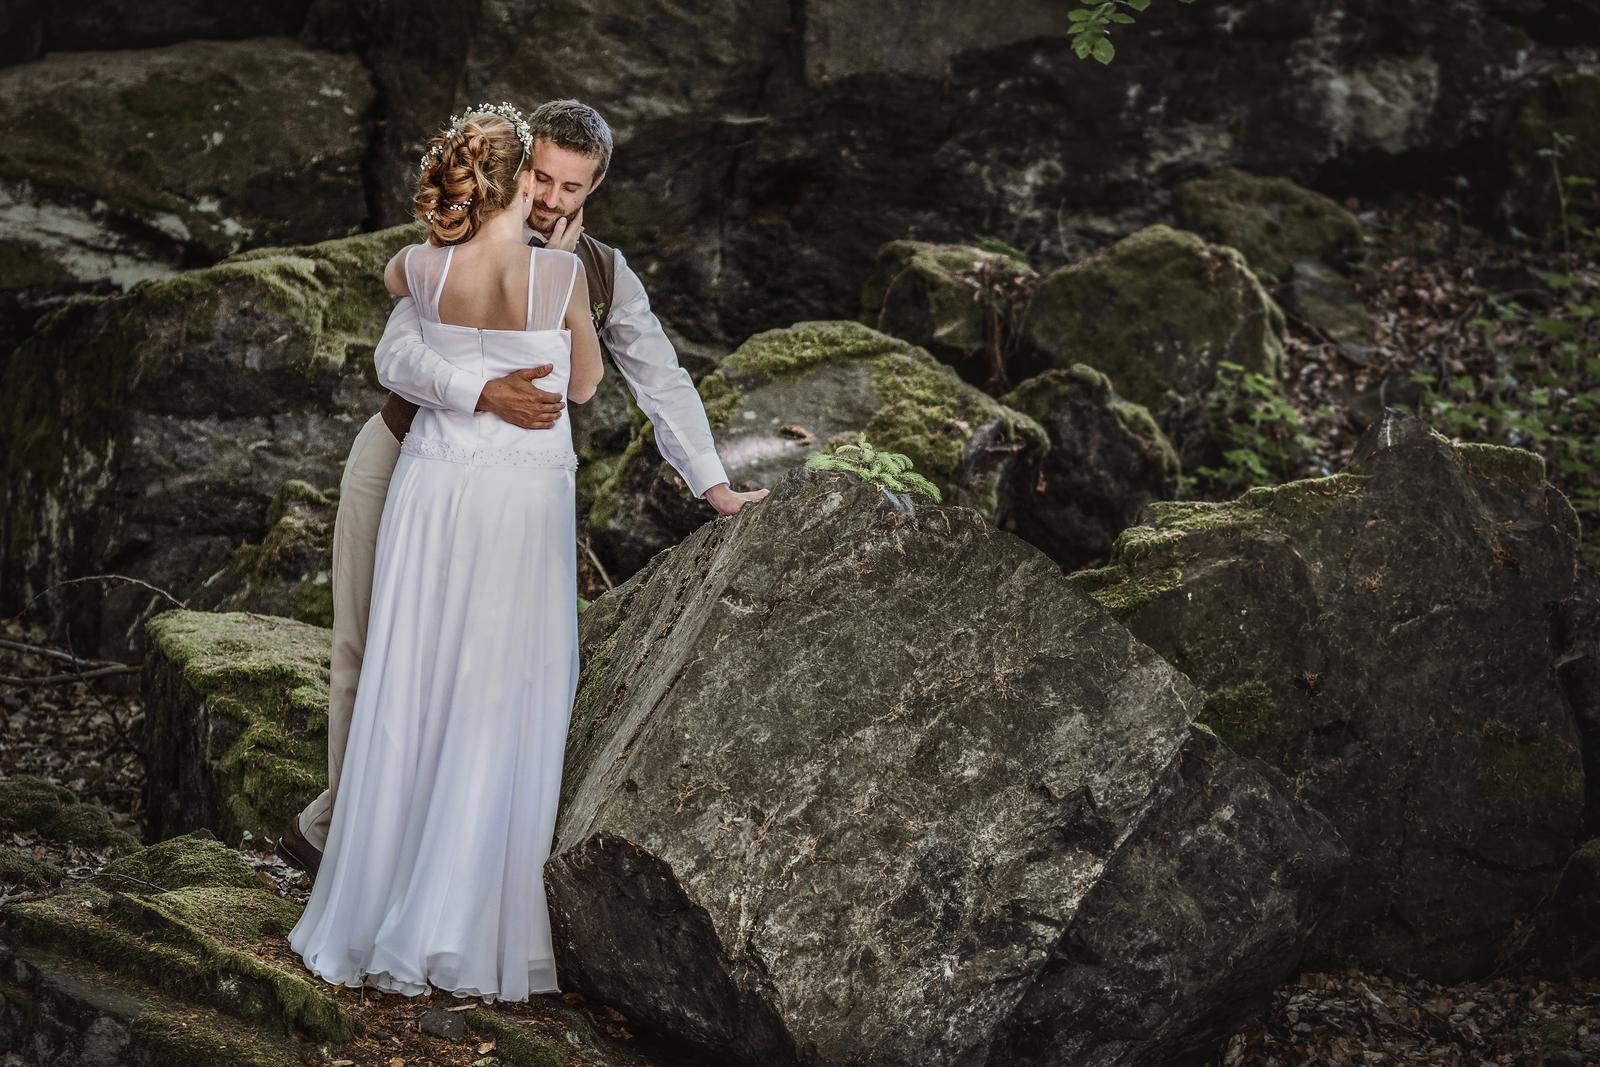 Svatební fotograf Karel Královec - kralovecphoto - Obrázek č. 36